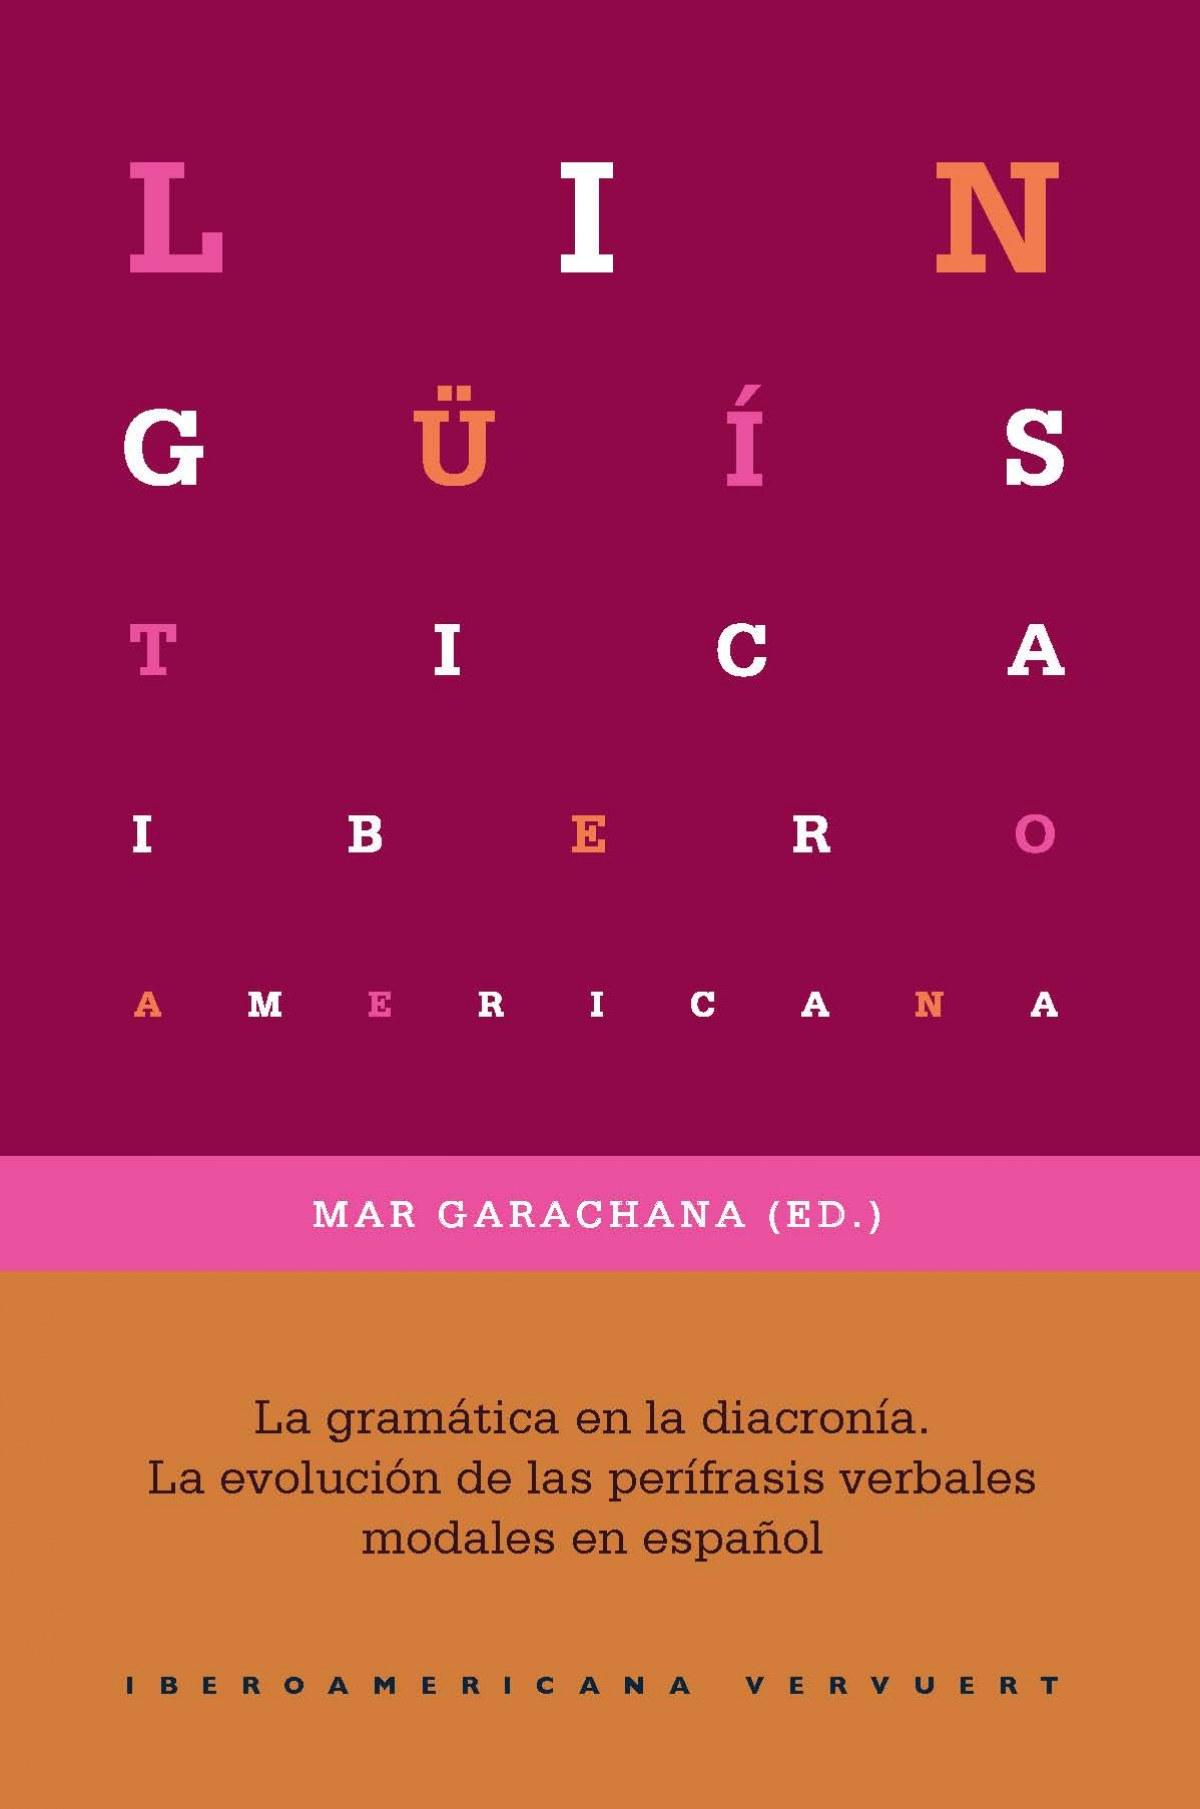 La gramatica en la diacronia la evolución de las per¡frasis verbales modales en español - Garachana, Mar